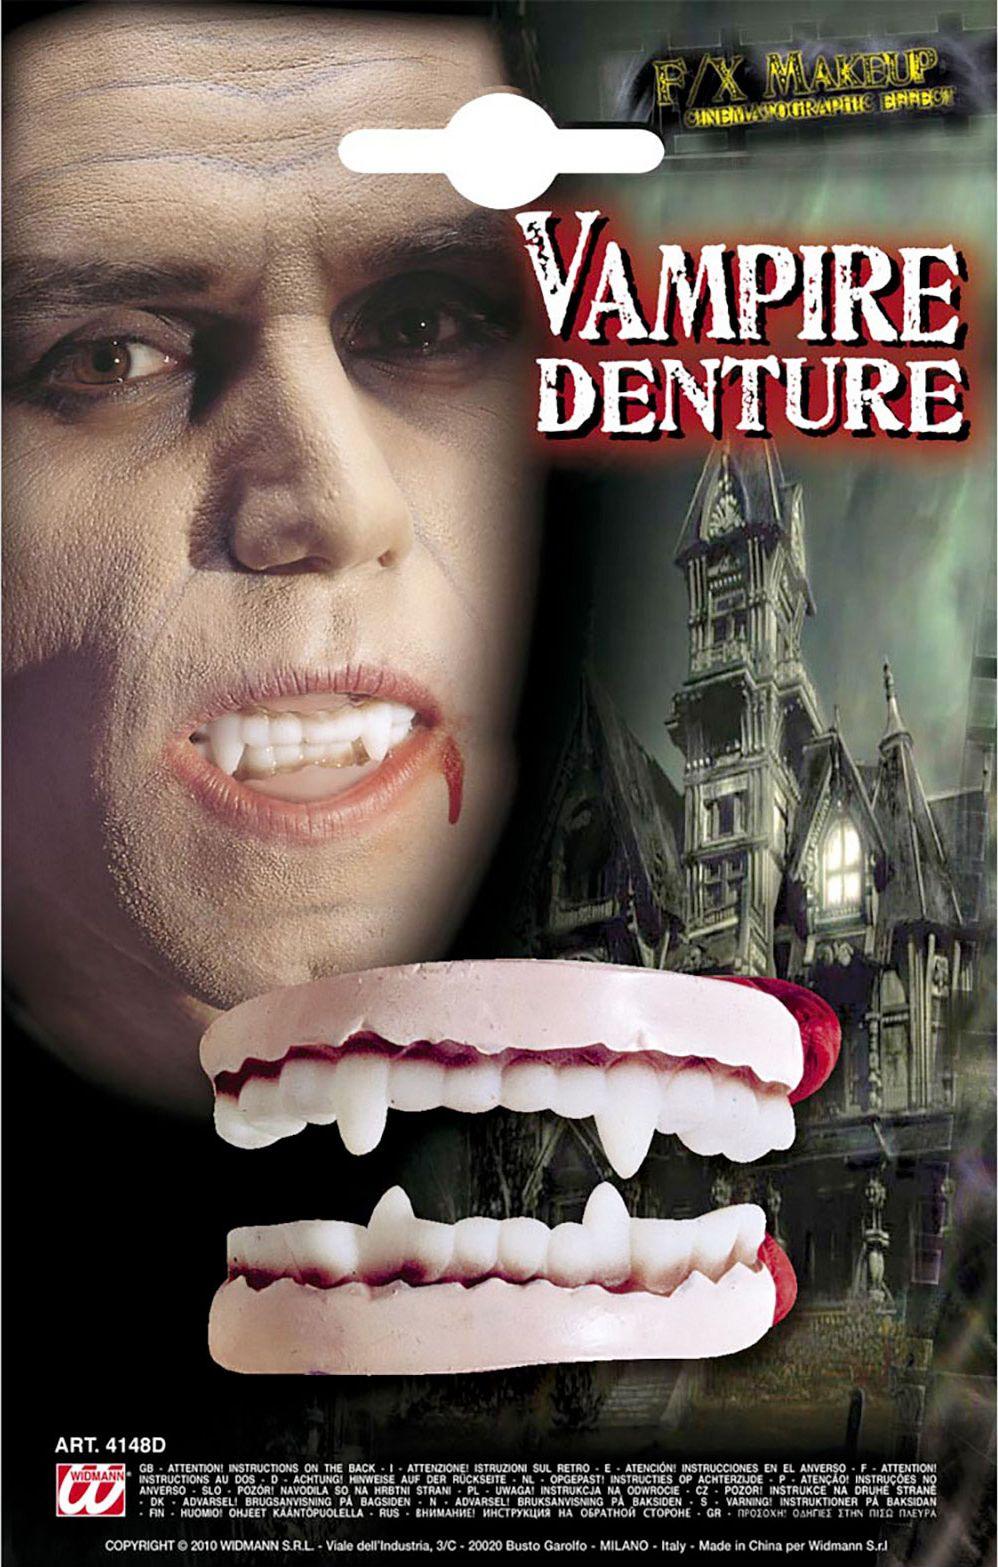 Vampier gebit